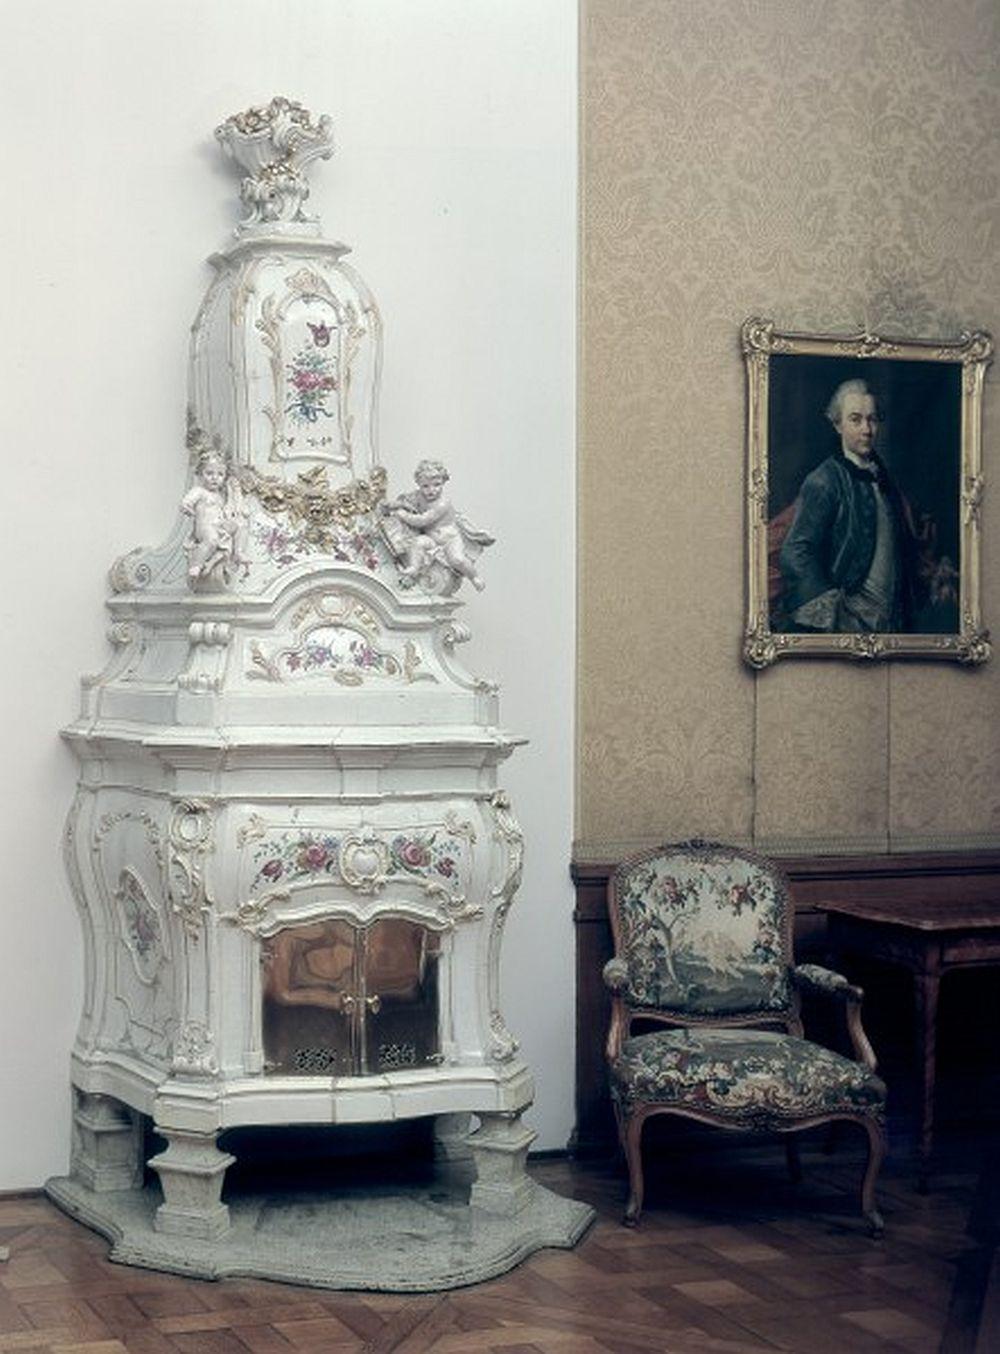 Sobă din Strasbourg, probabil din atelierul lui Fransois-Paul Acker sau Johann Wilhelm Lanz, și decorată probabil de către Paul Hannong, pe la 1755-1760. Măsoară 310 cm înălțime, 117 cm lățime și 65 cm adâncime. Museum für Wohnkultur